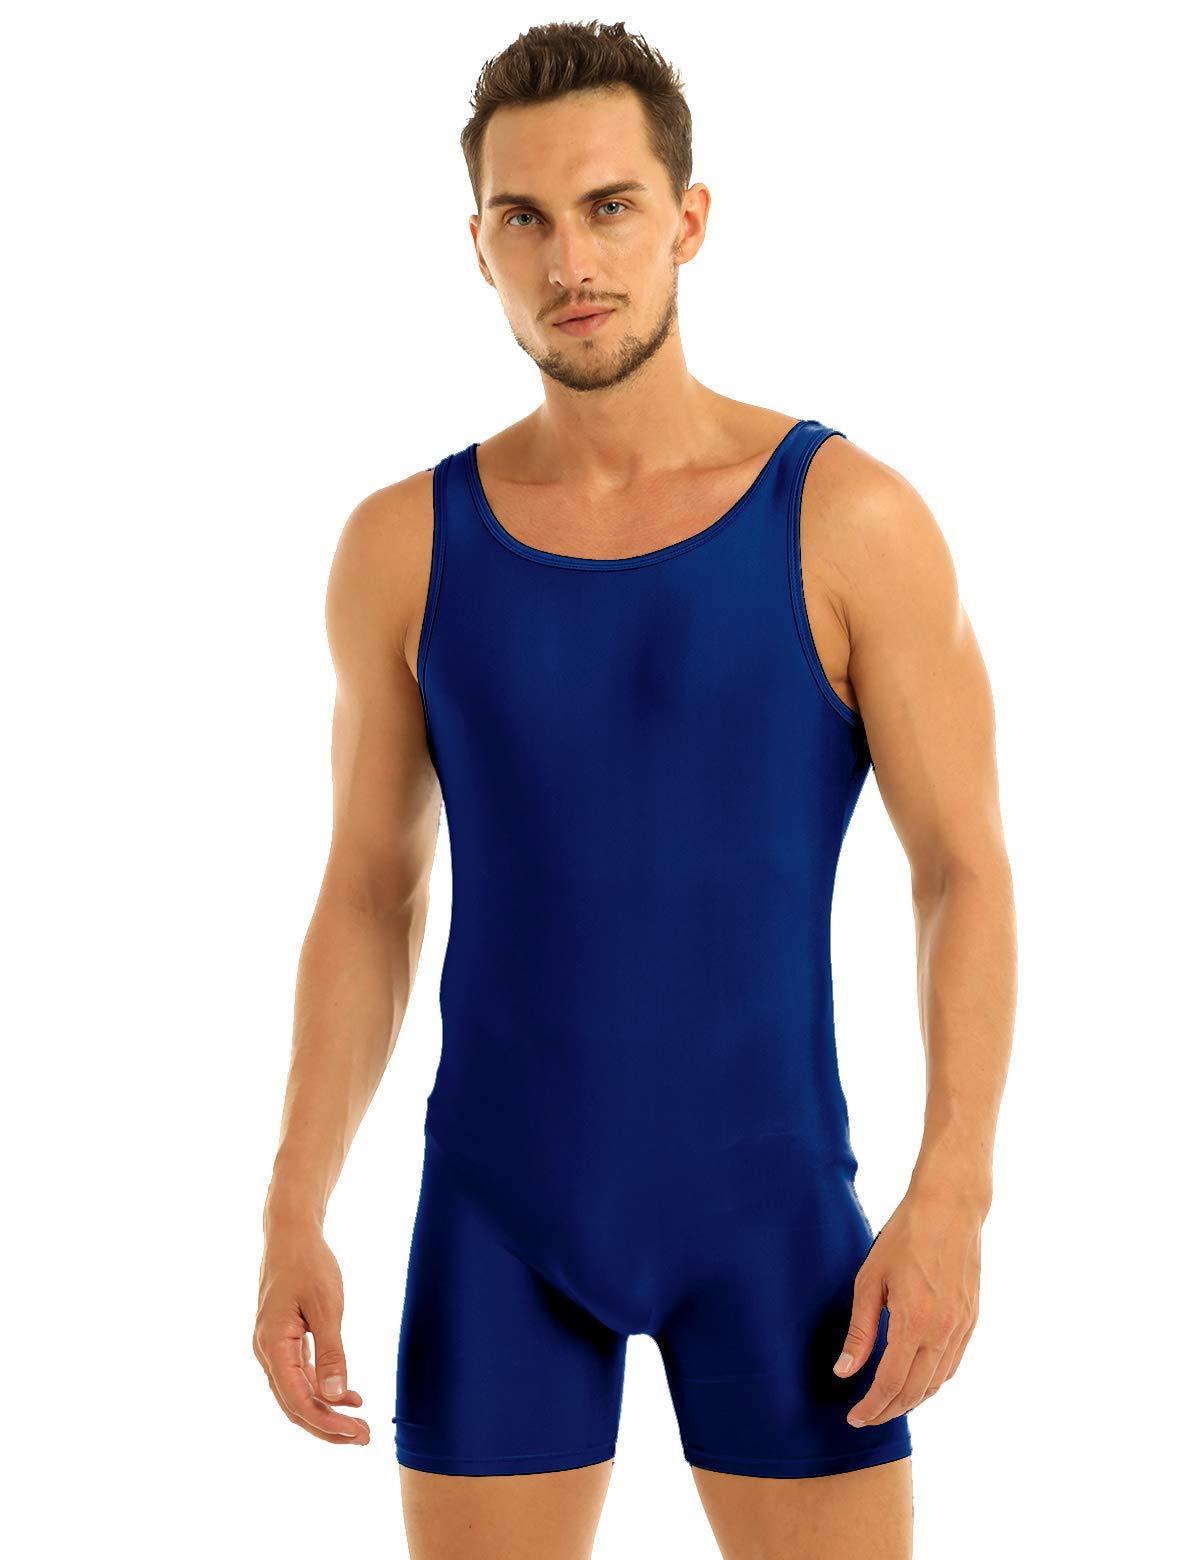 IEFIEL Mens Sleeveless Stretchy One Piece Bodysuit Sport Gym Workout Dancewear Biketard Tank Unitard Navy Blue X-Large by iEFiEL